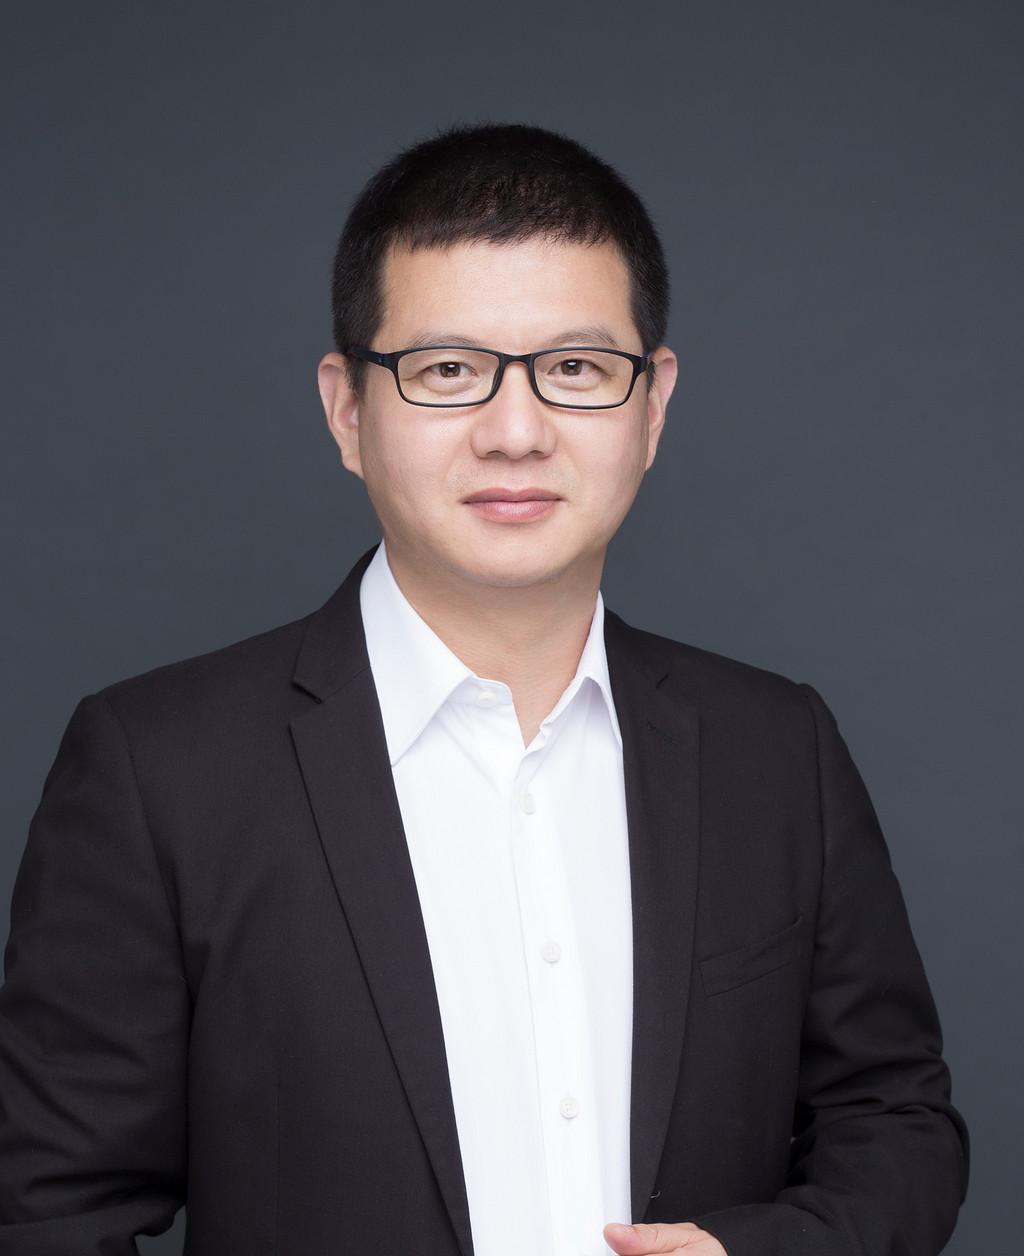 张涵诚:关于政务数据治理、数字政府建设以及人工智能的若干建议